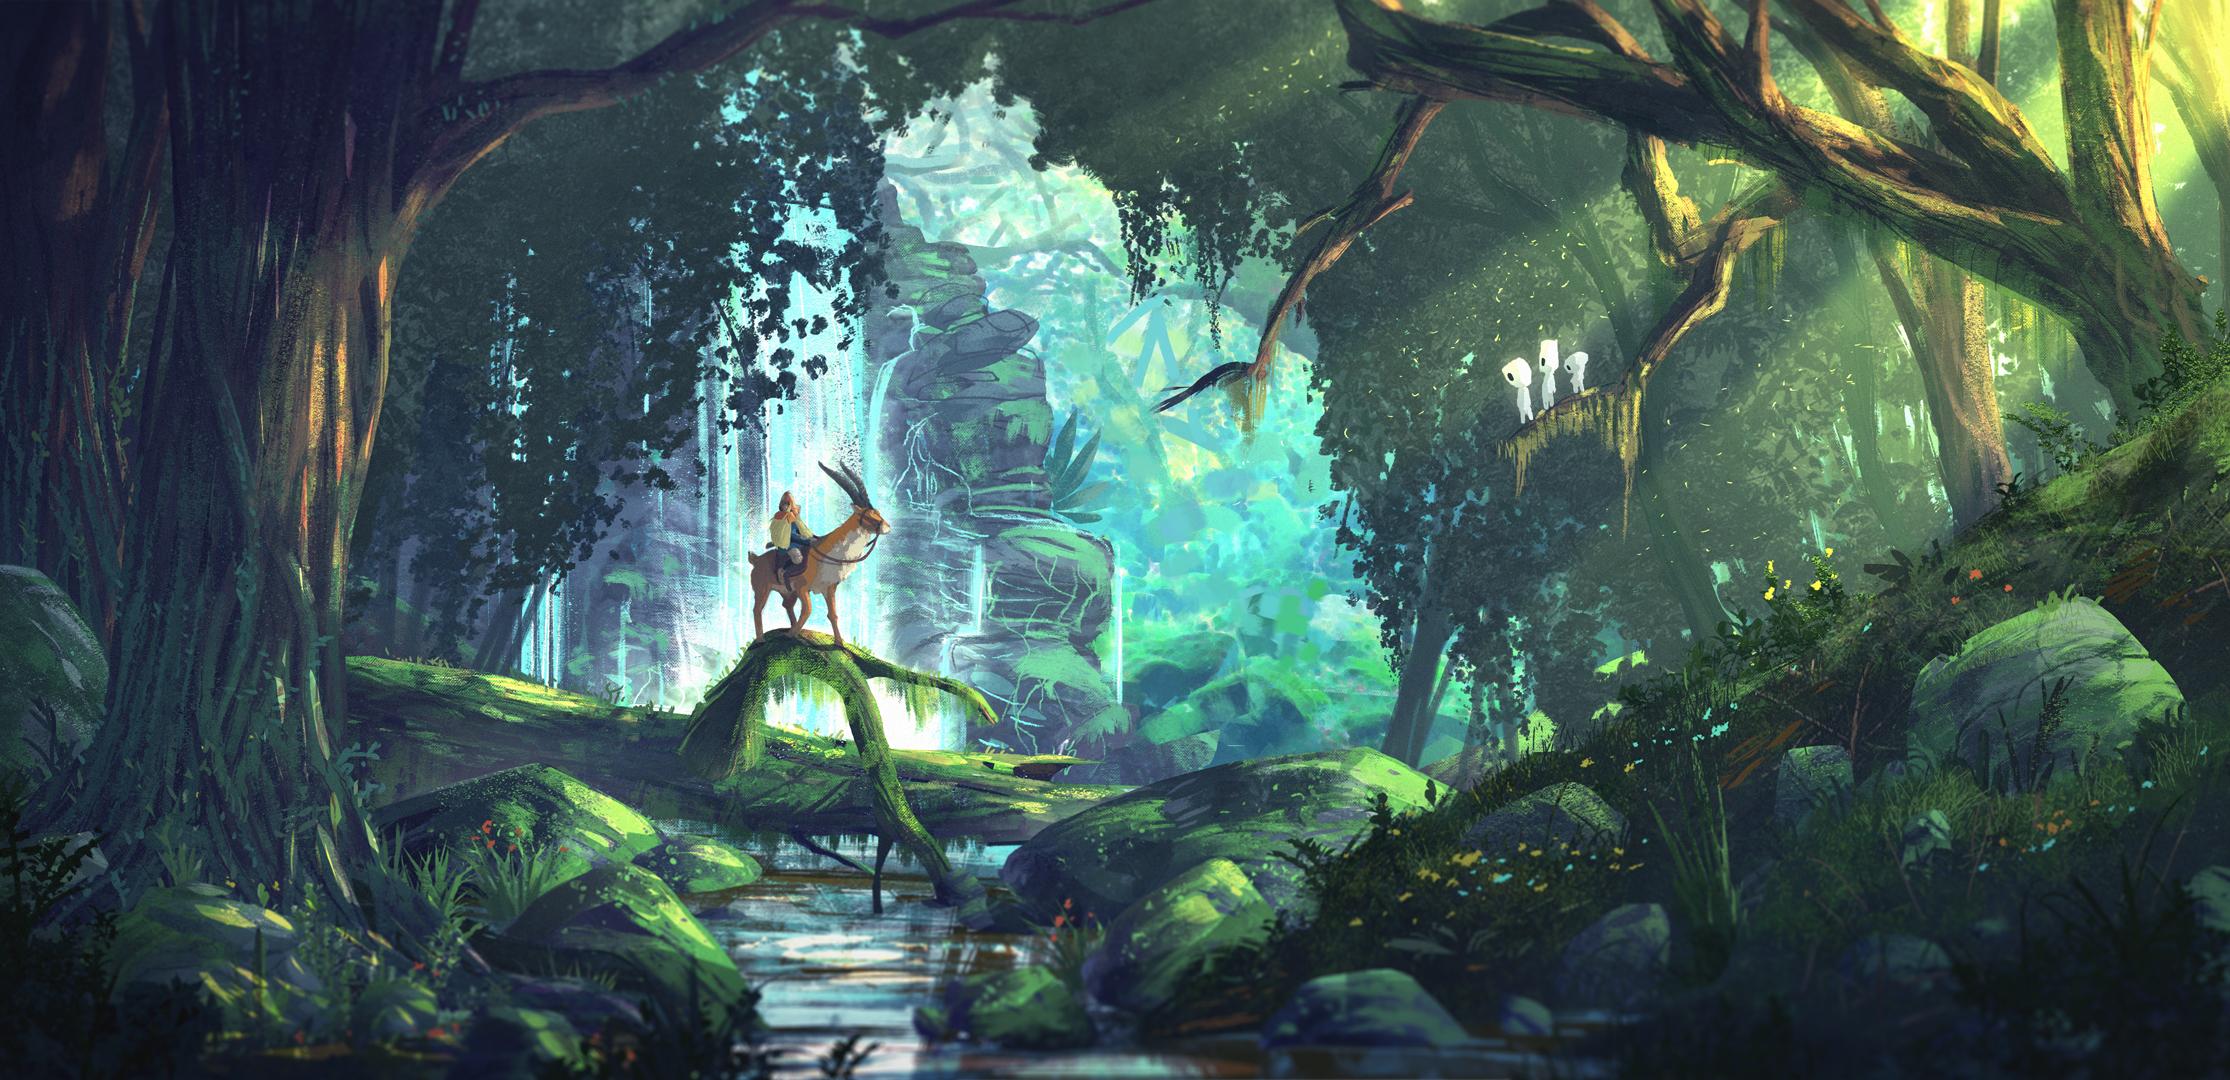 Image Result For Princess Mononoke Wallpapers Theotaku Com